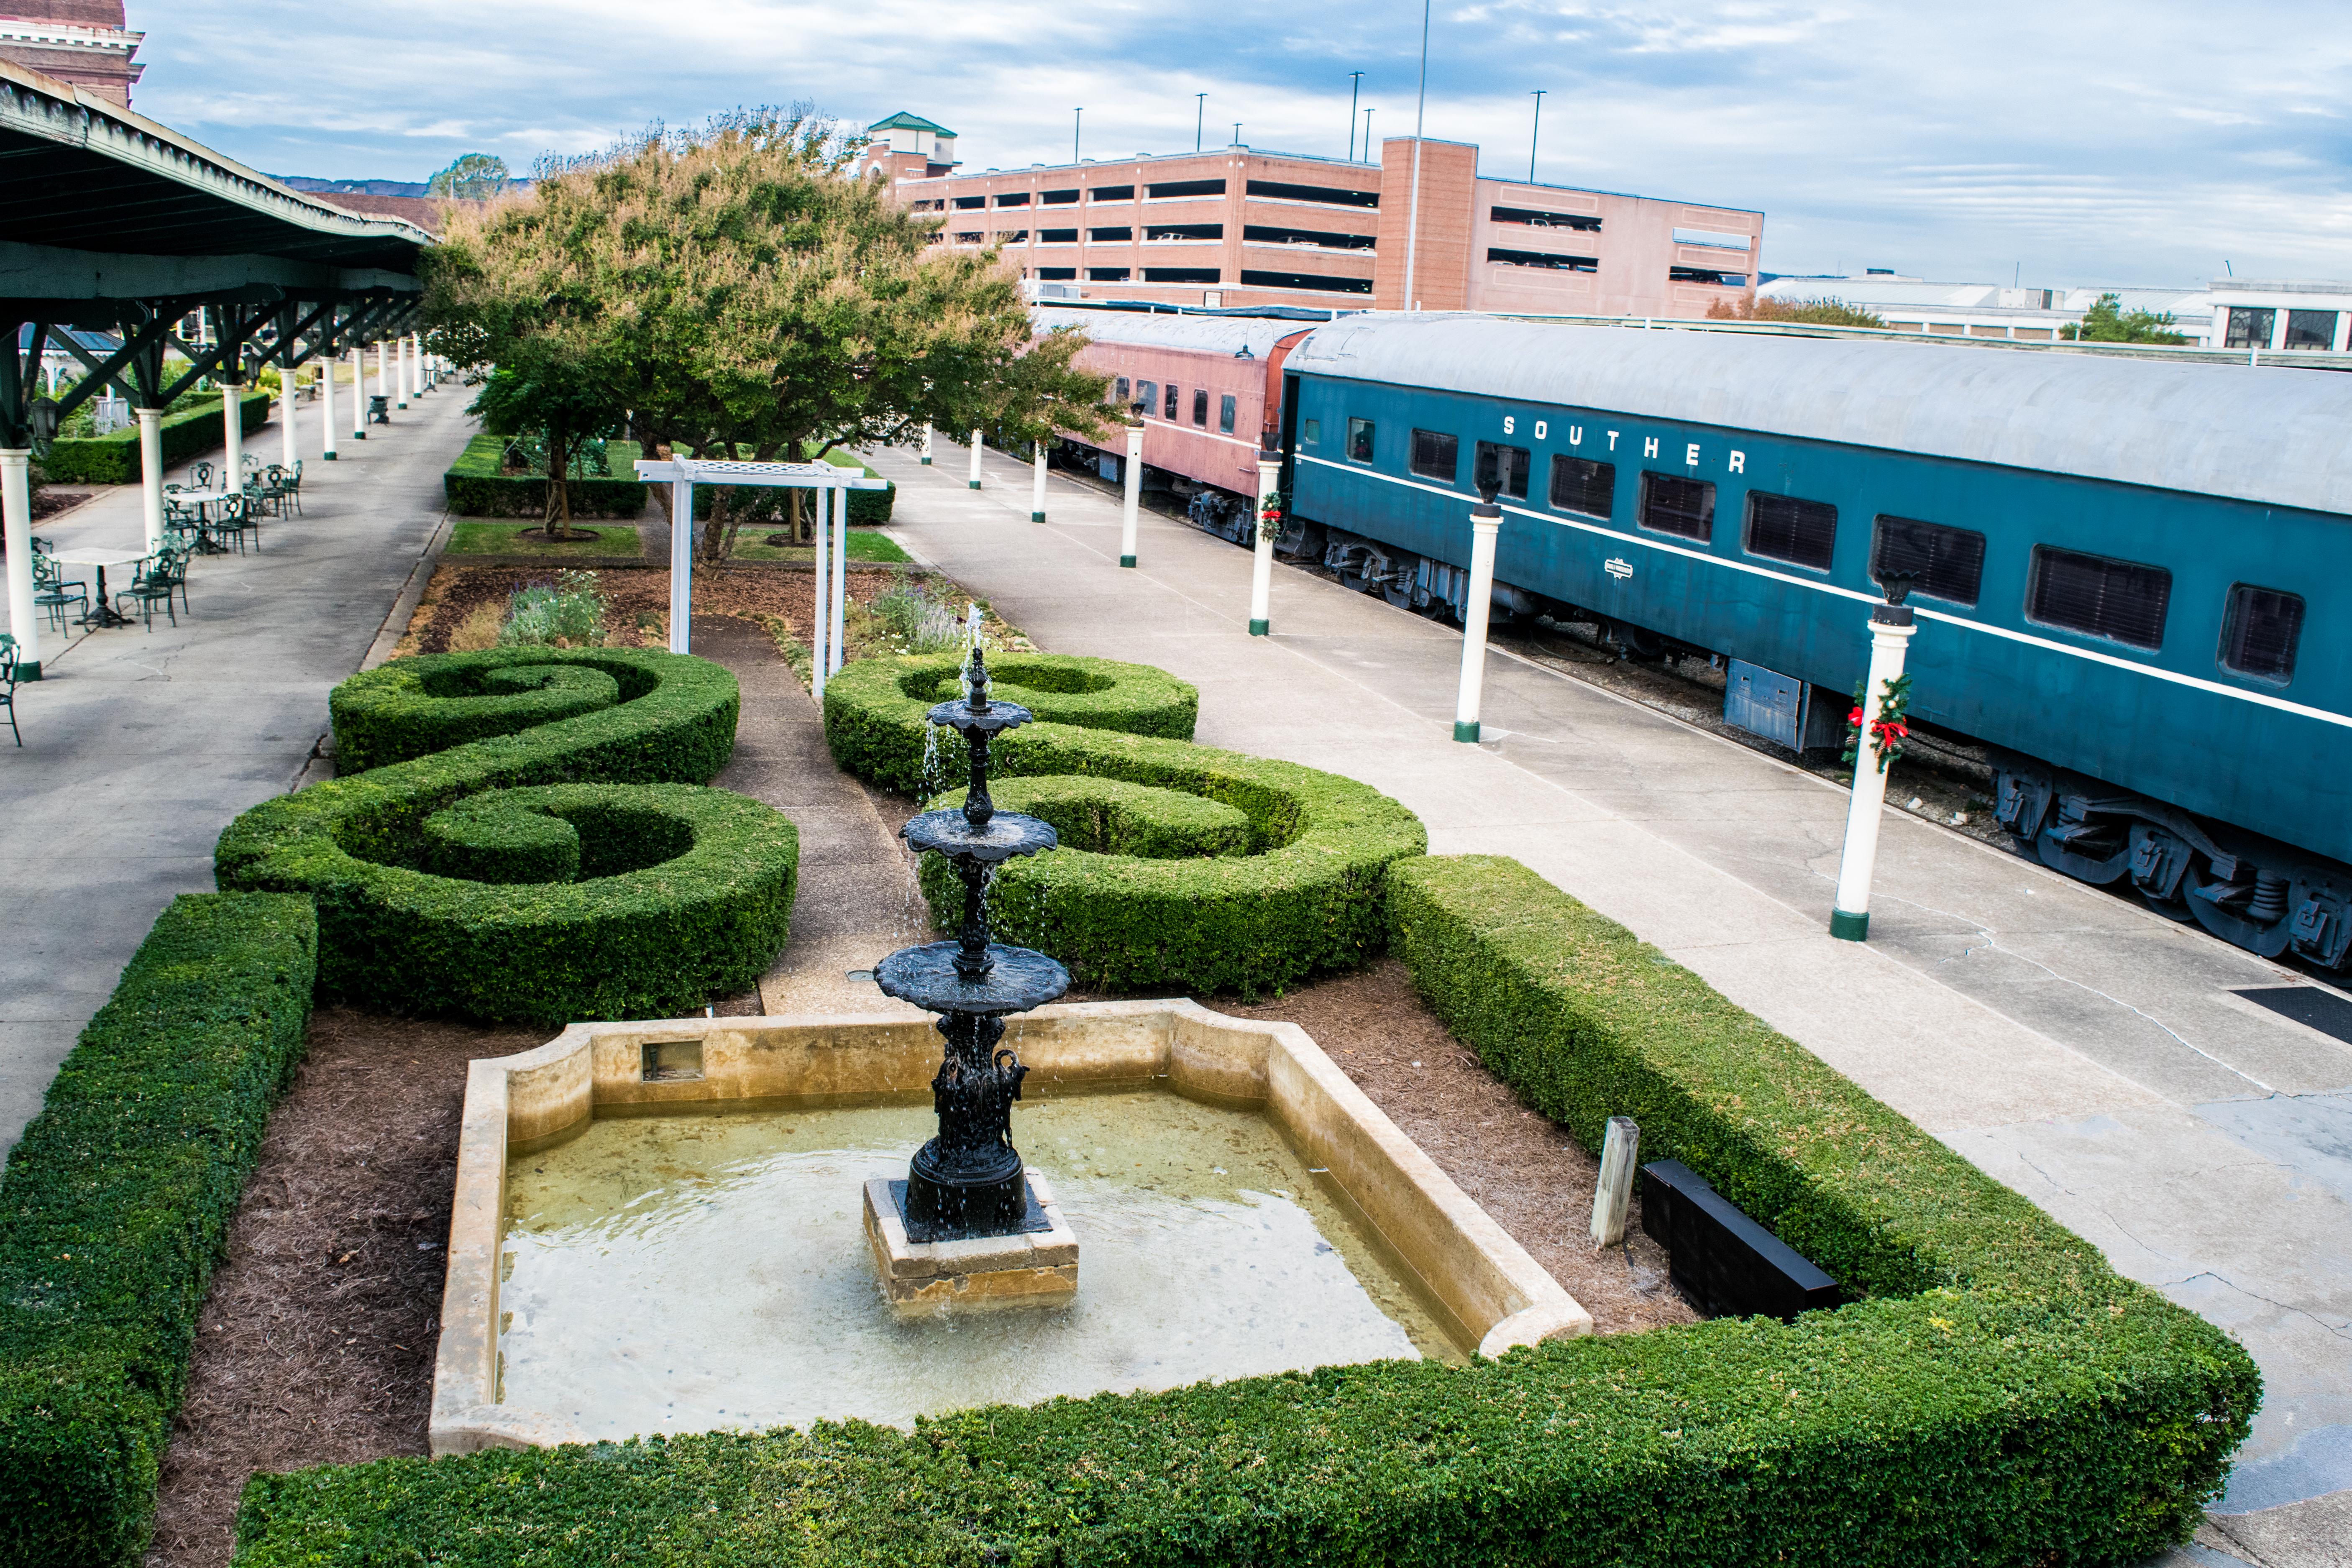 Garden Courtyard at Chattanooga Choo Choo